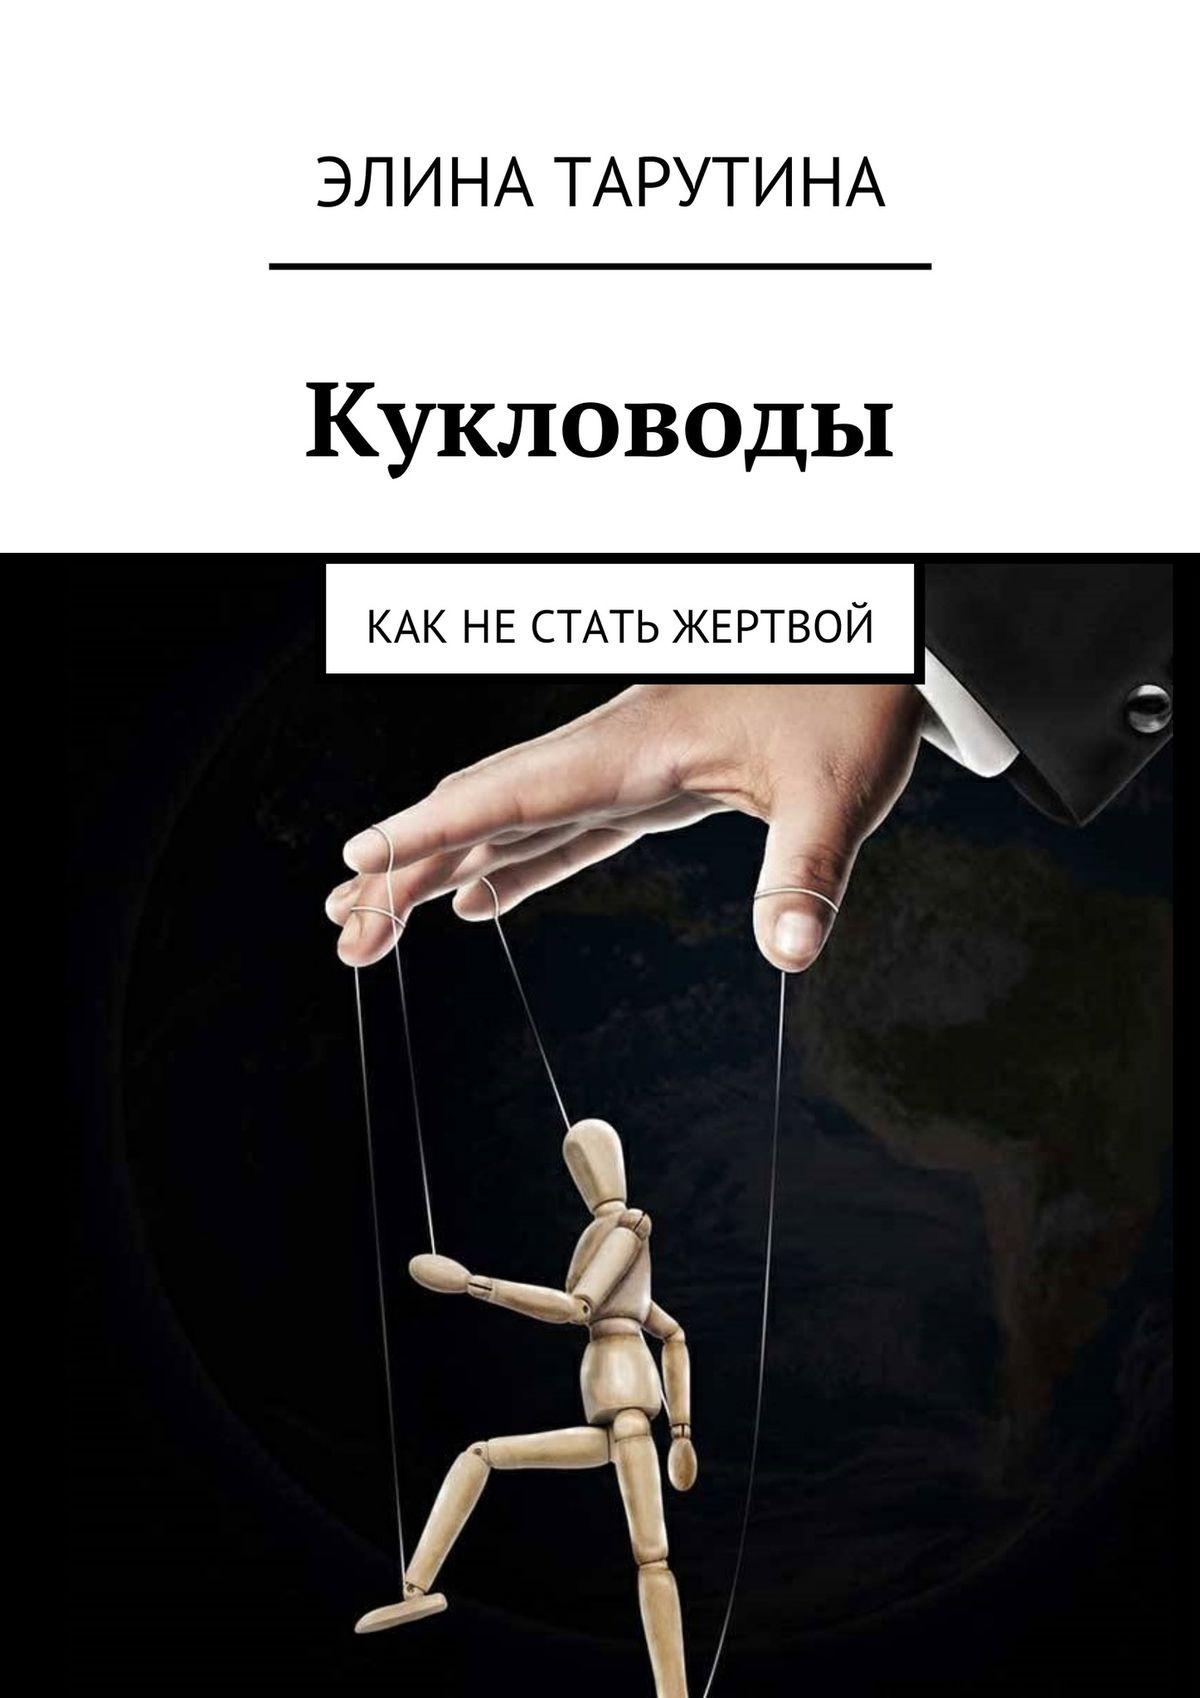 Элина Тарутина Кукловоды. Как нестать жертвой маргарита митрофанова как не стать жертвой манипуляции